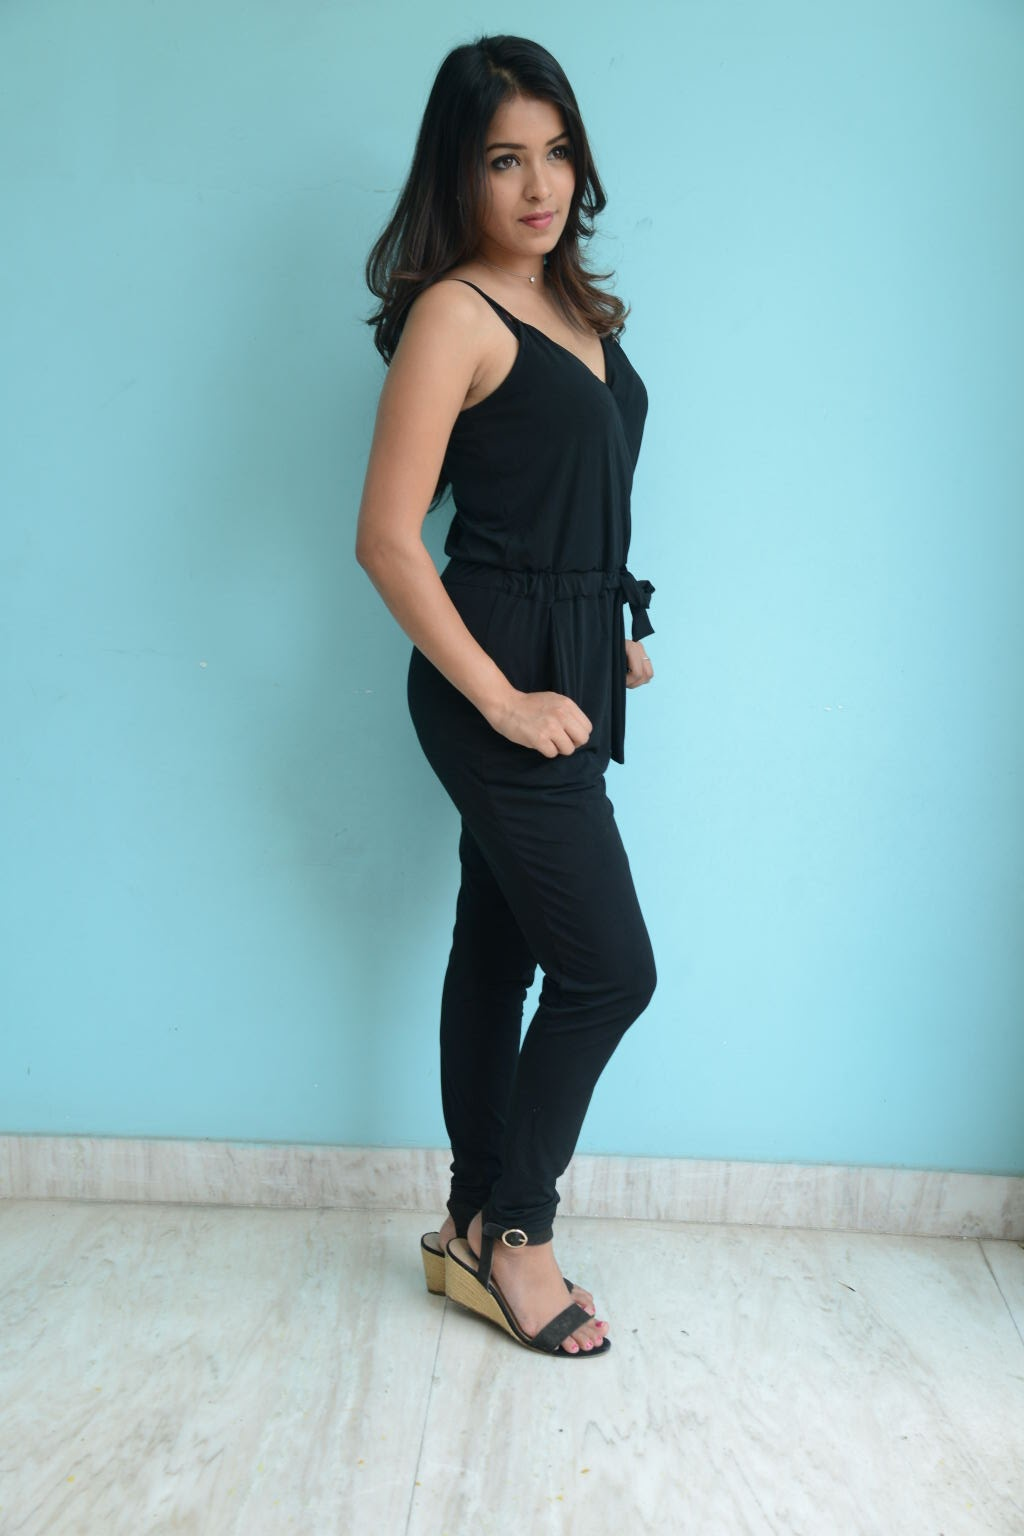 The Gorgeous Latha Hegde Latest Photoshoot